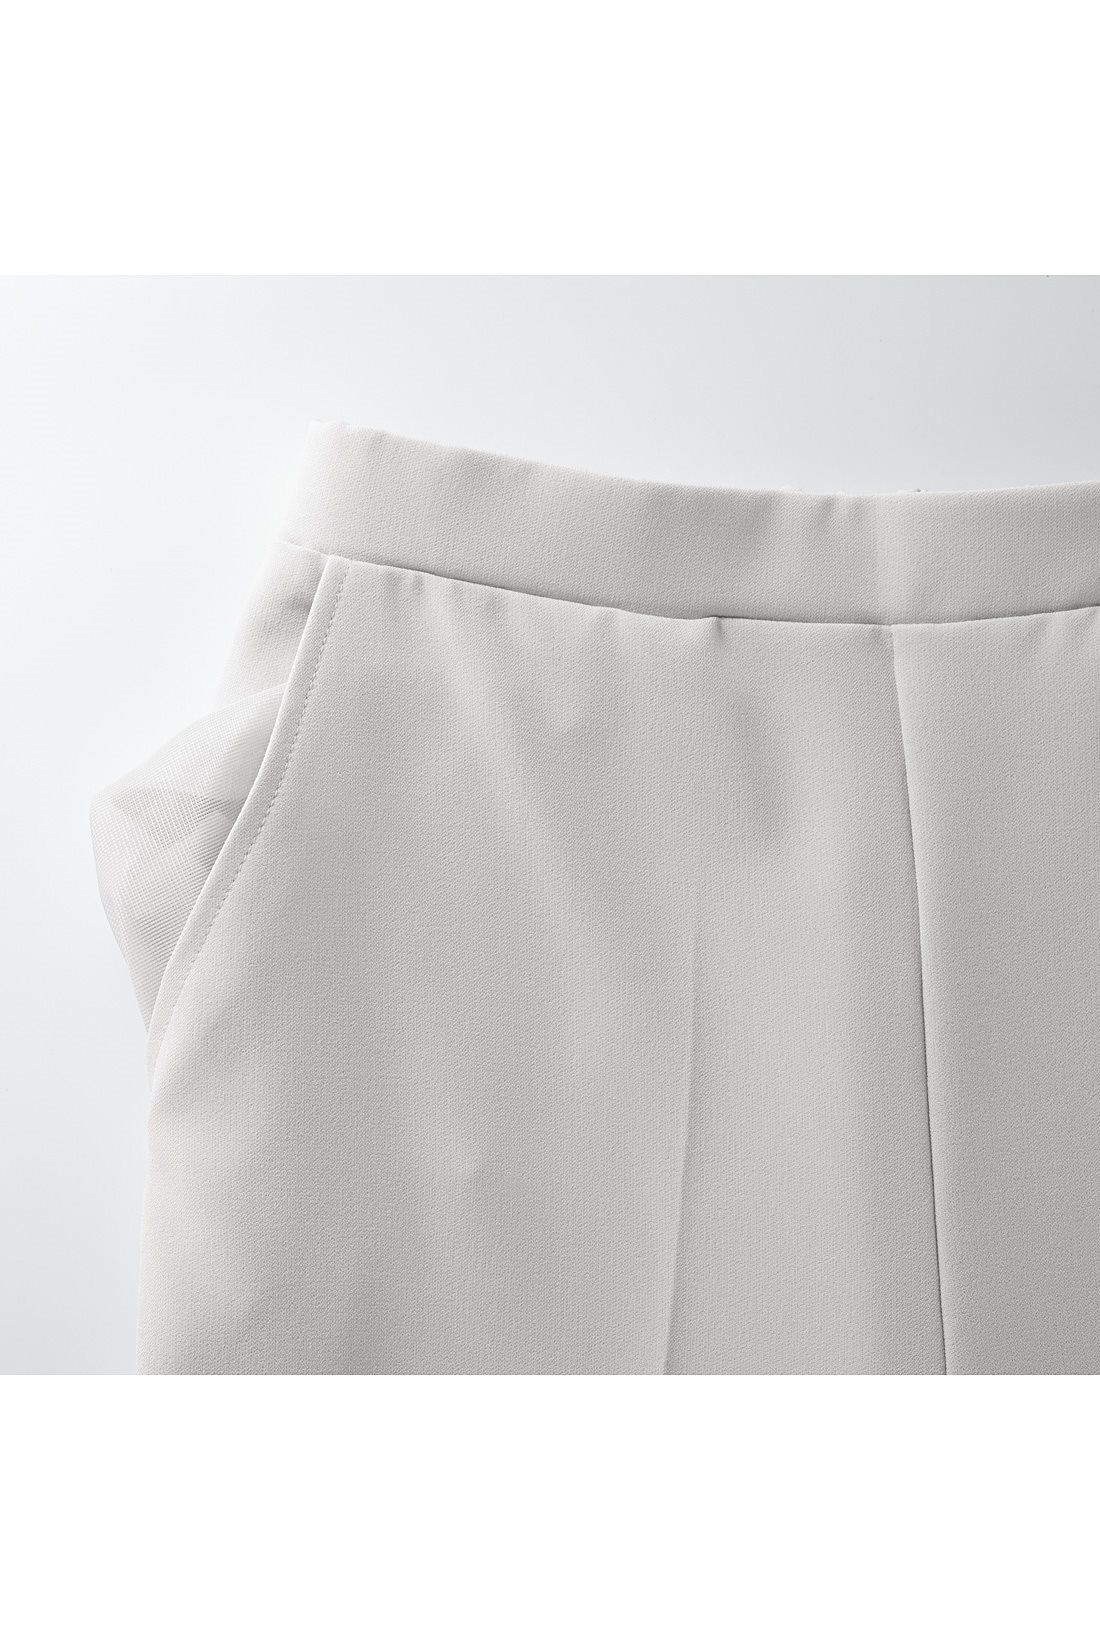 ポケットはメッシュ素材で通気性をよくしました。